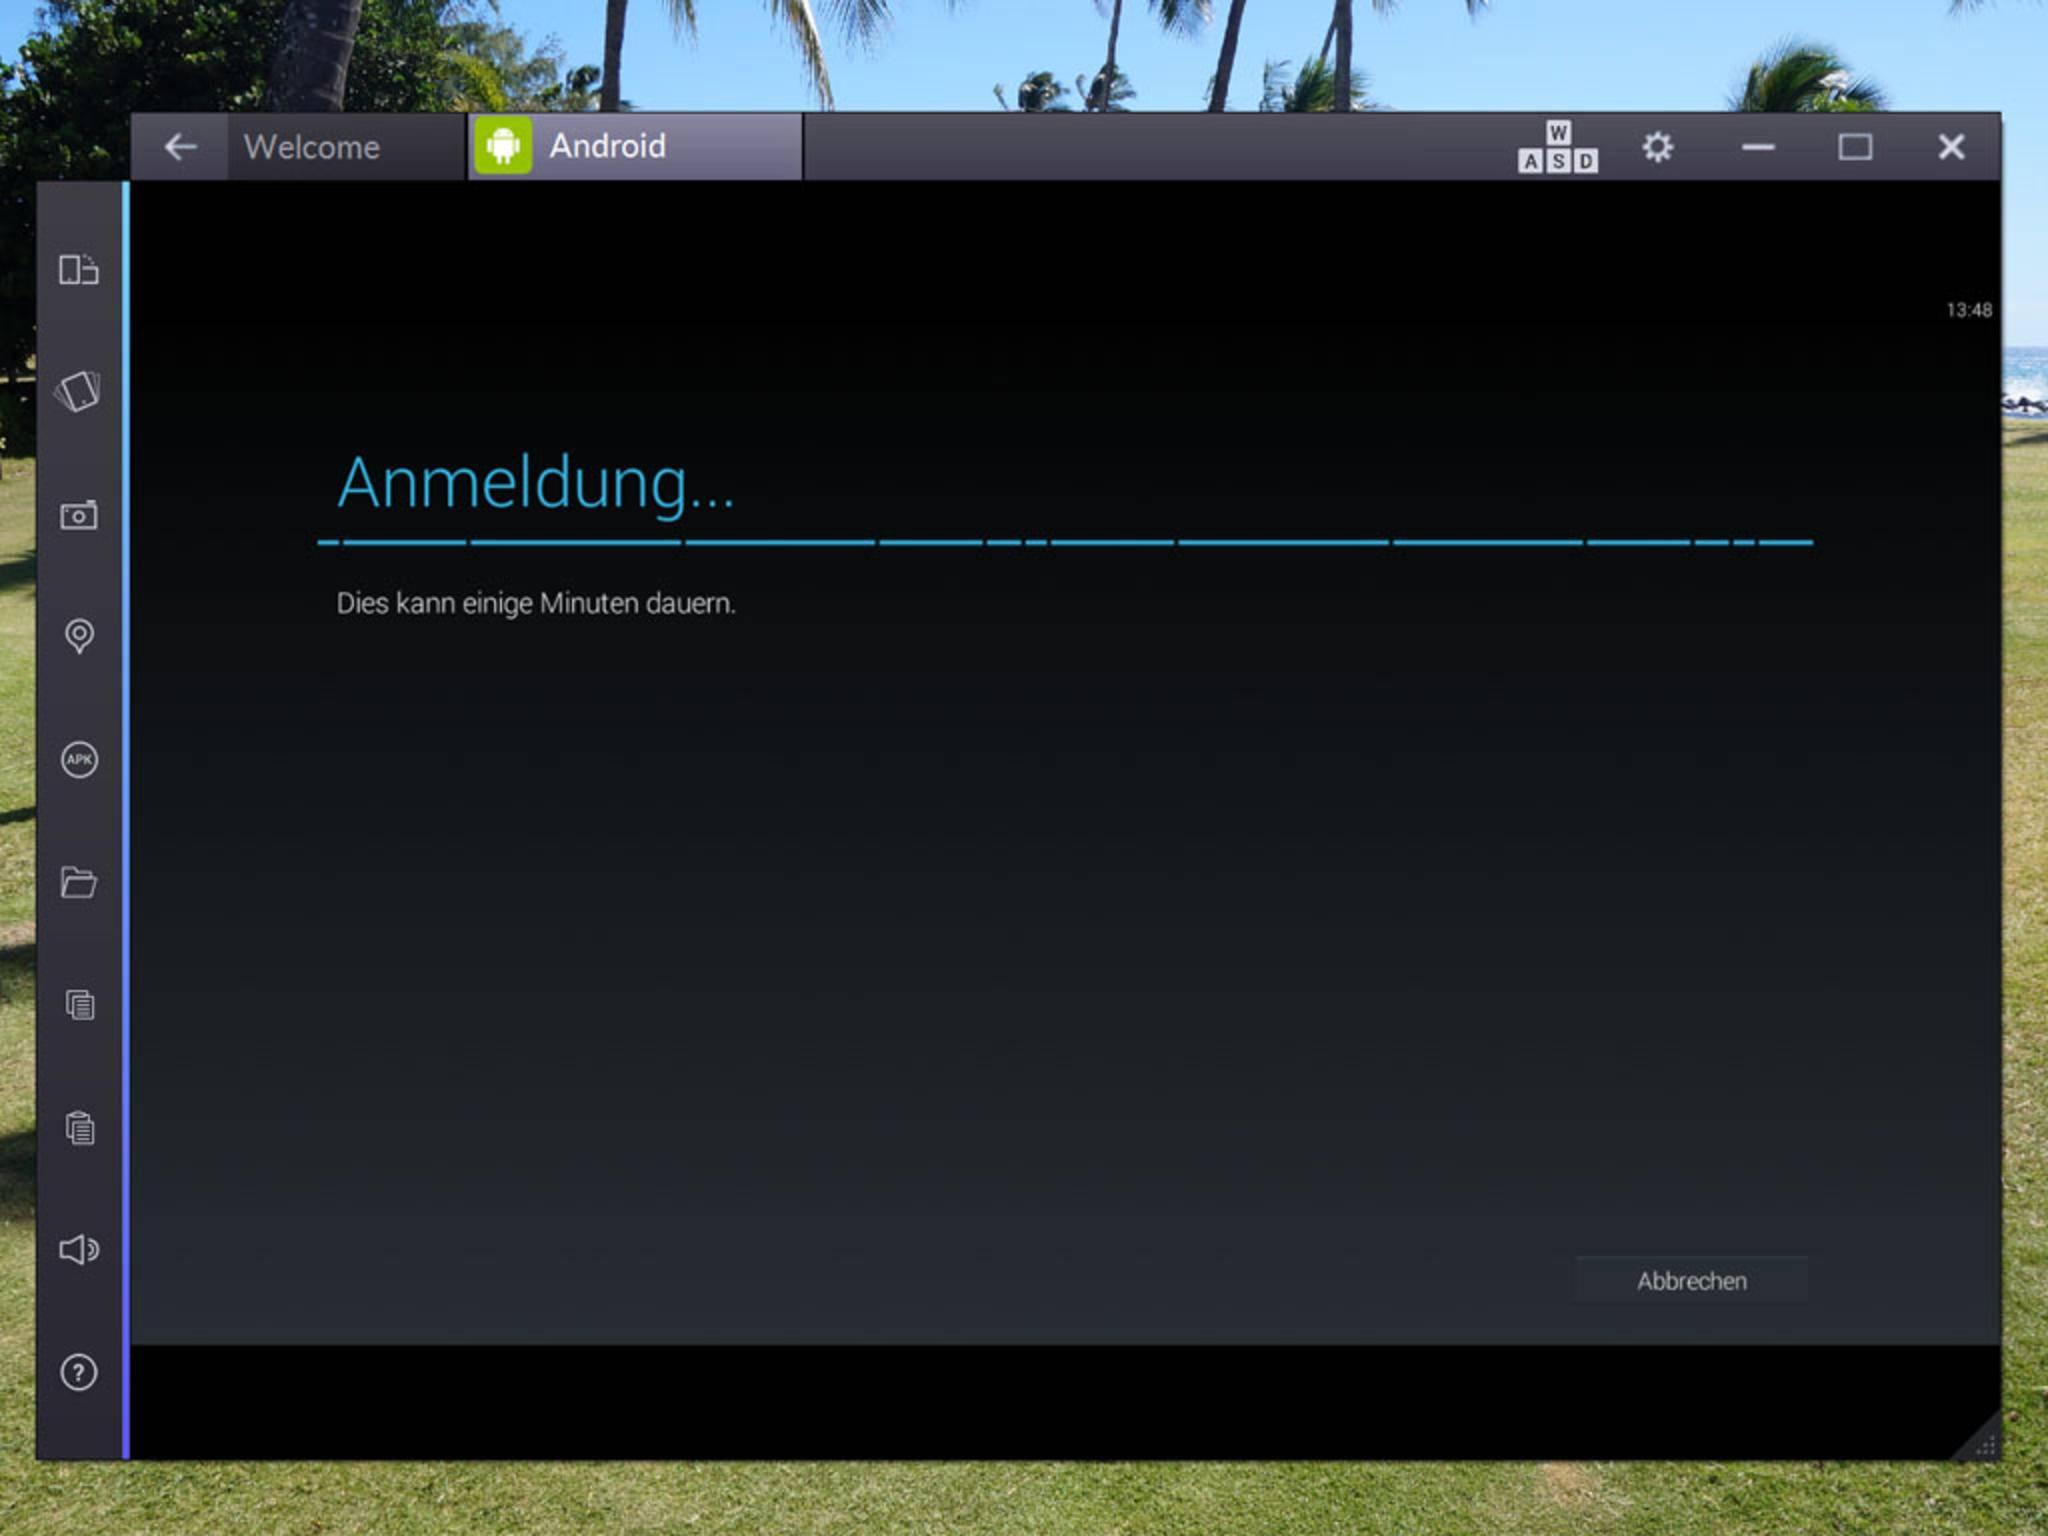 Vom bestehenden Konto werden verknüpfte Apps automatisch hinzugefügt.